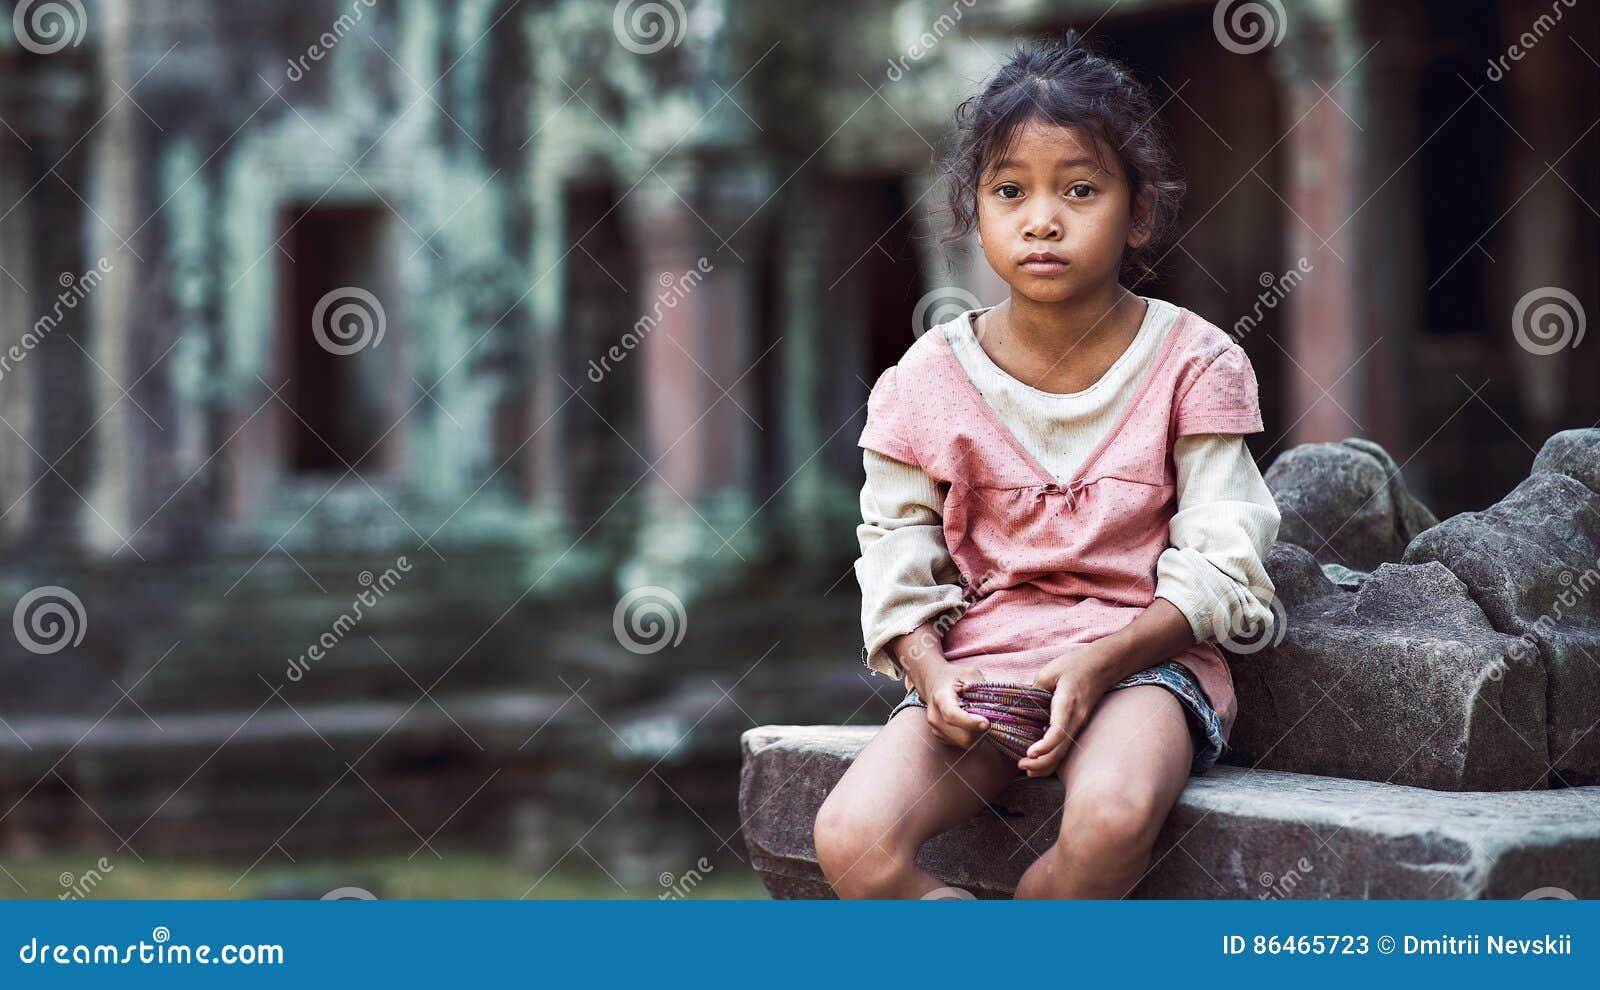 little cambodia teen fucked